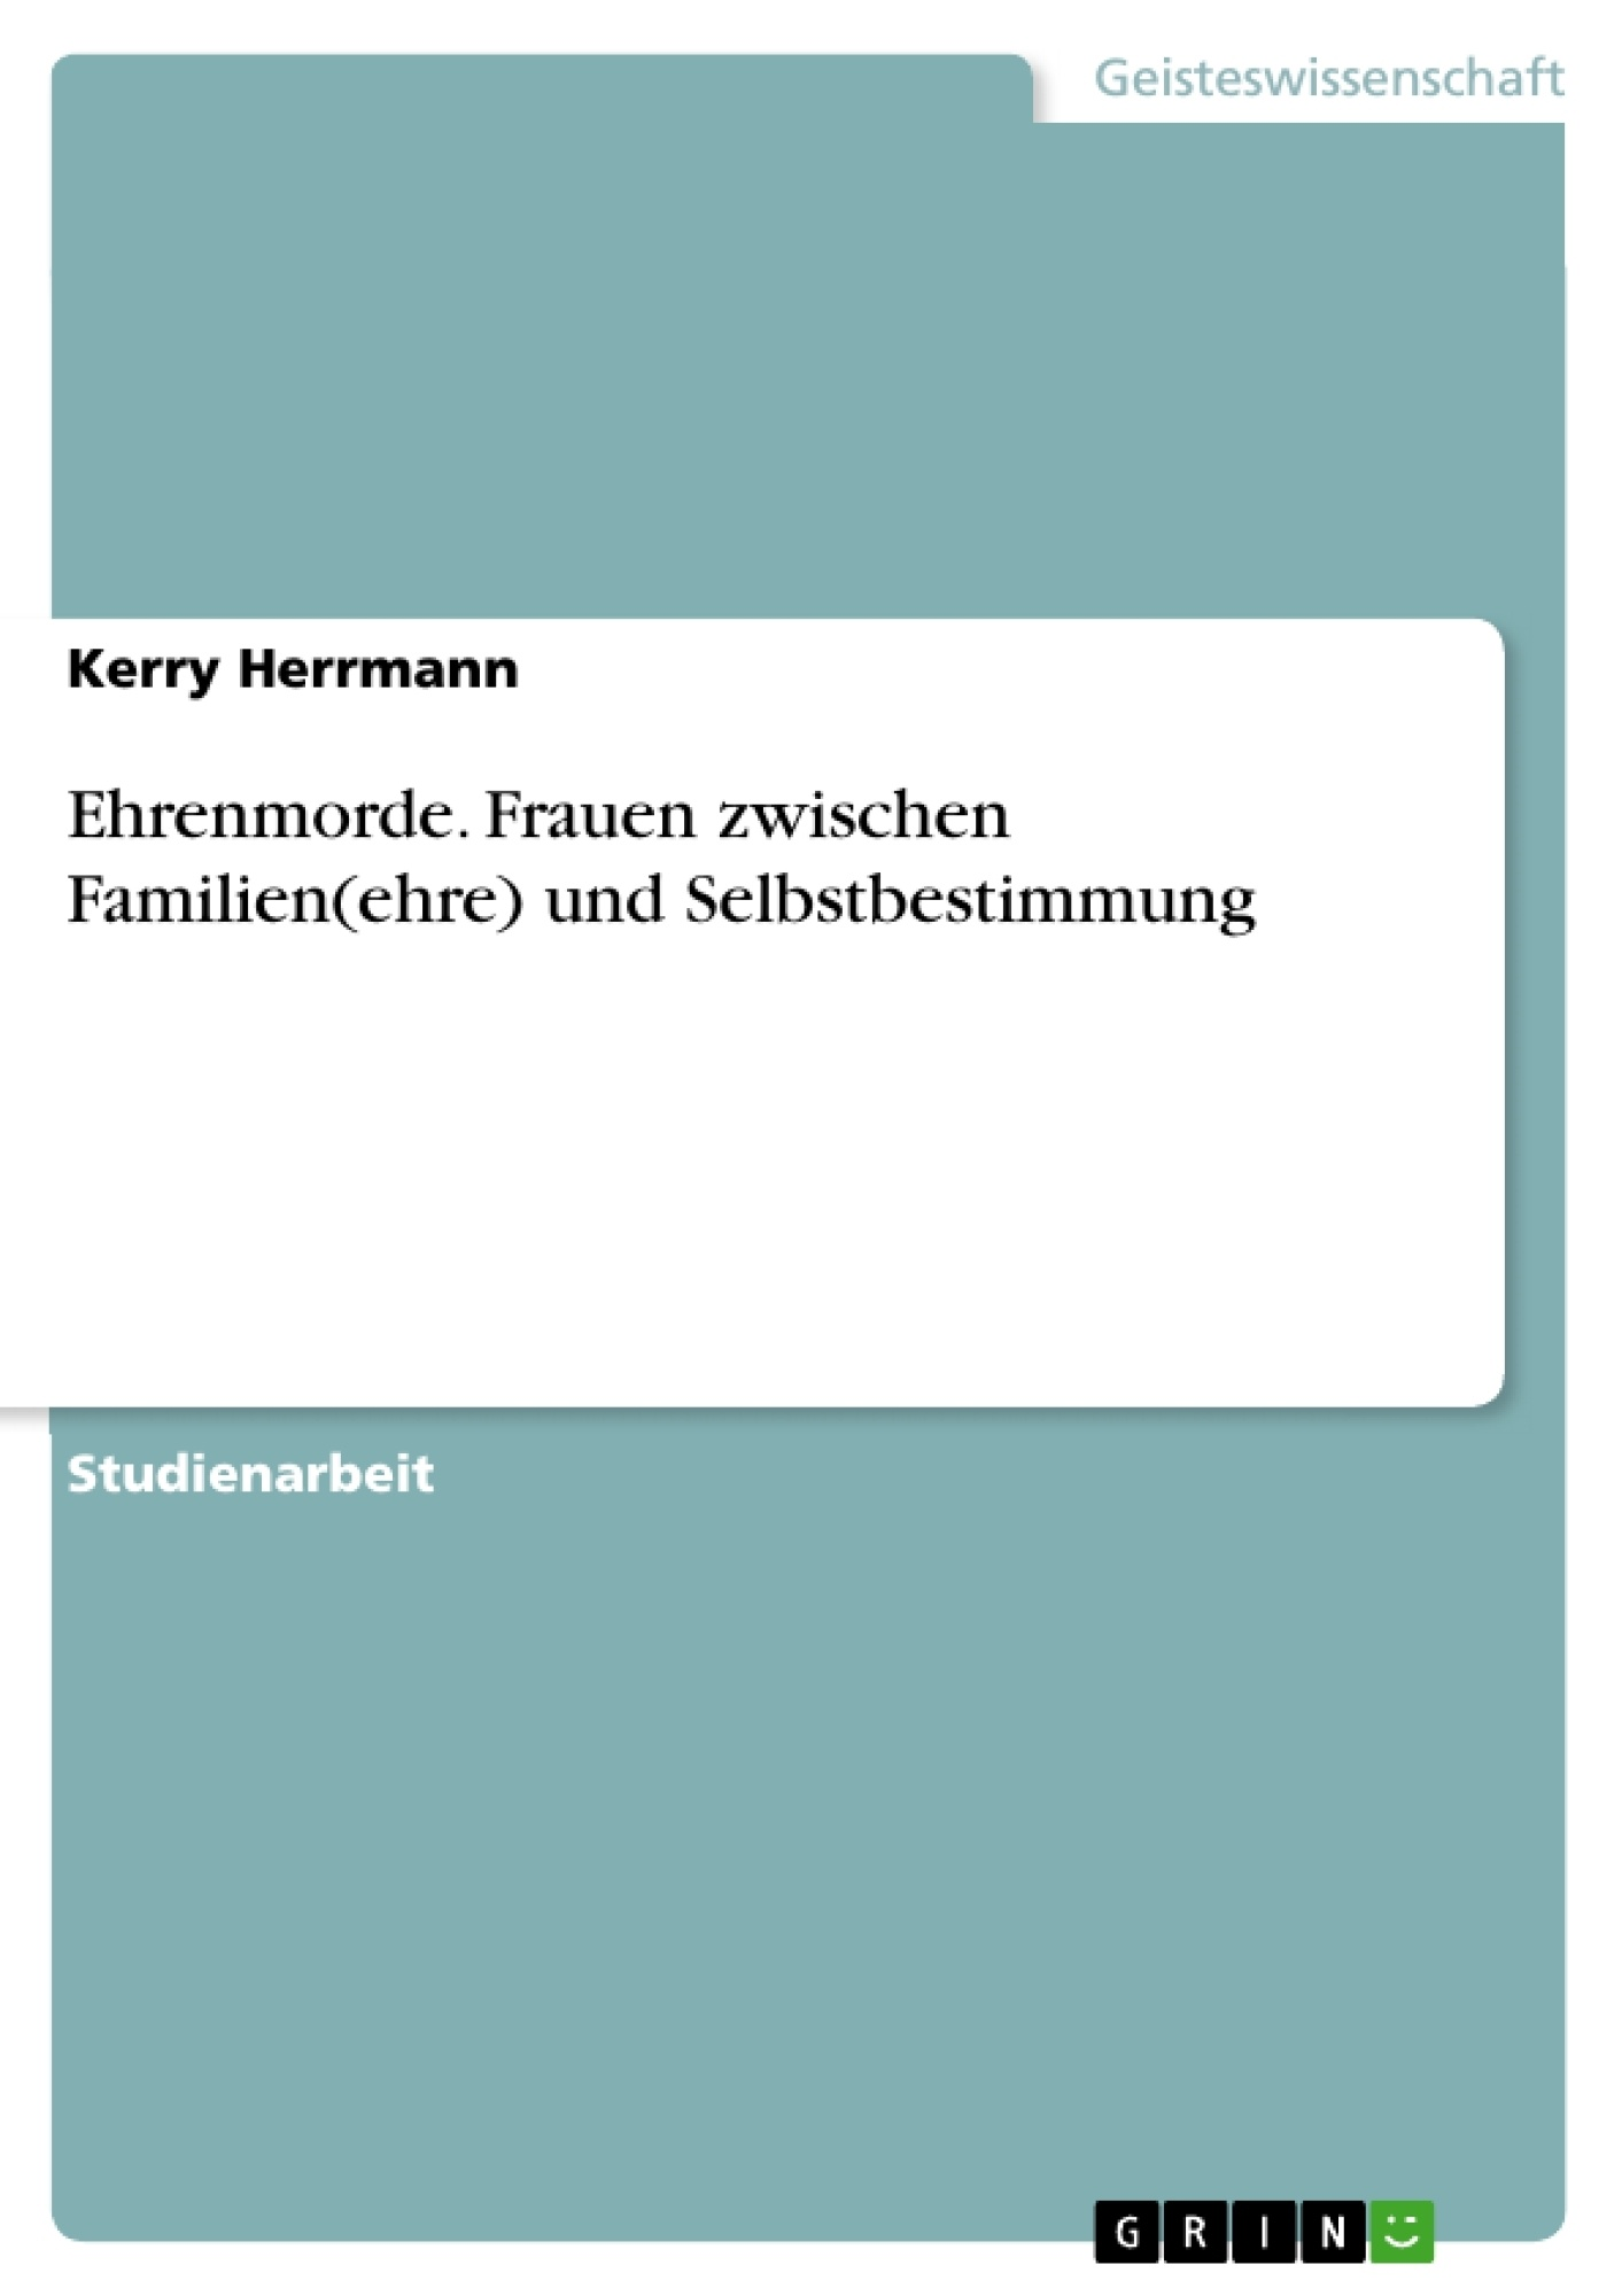 Titel: Ehrenmorde. Frauen zwischen Familien(ehre) und Selbstbestimmung